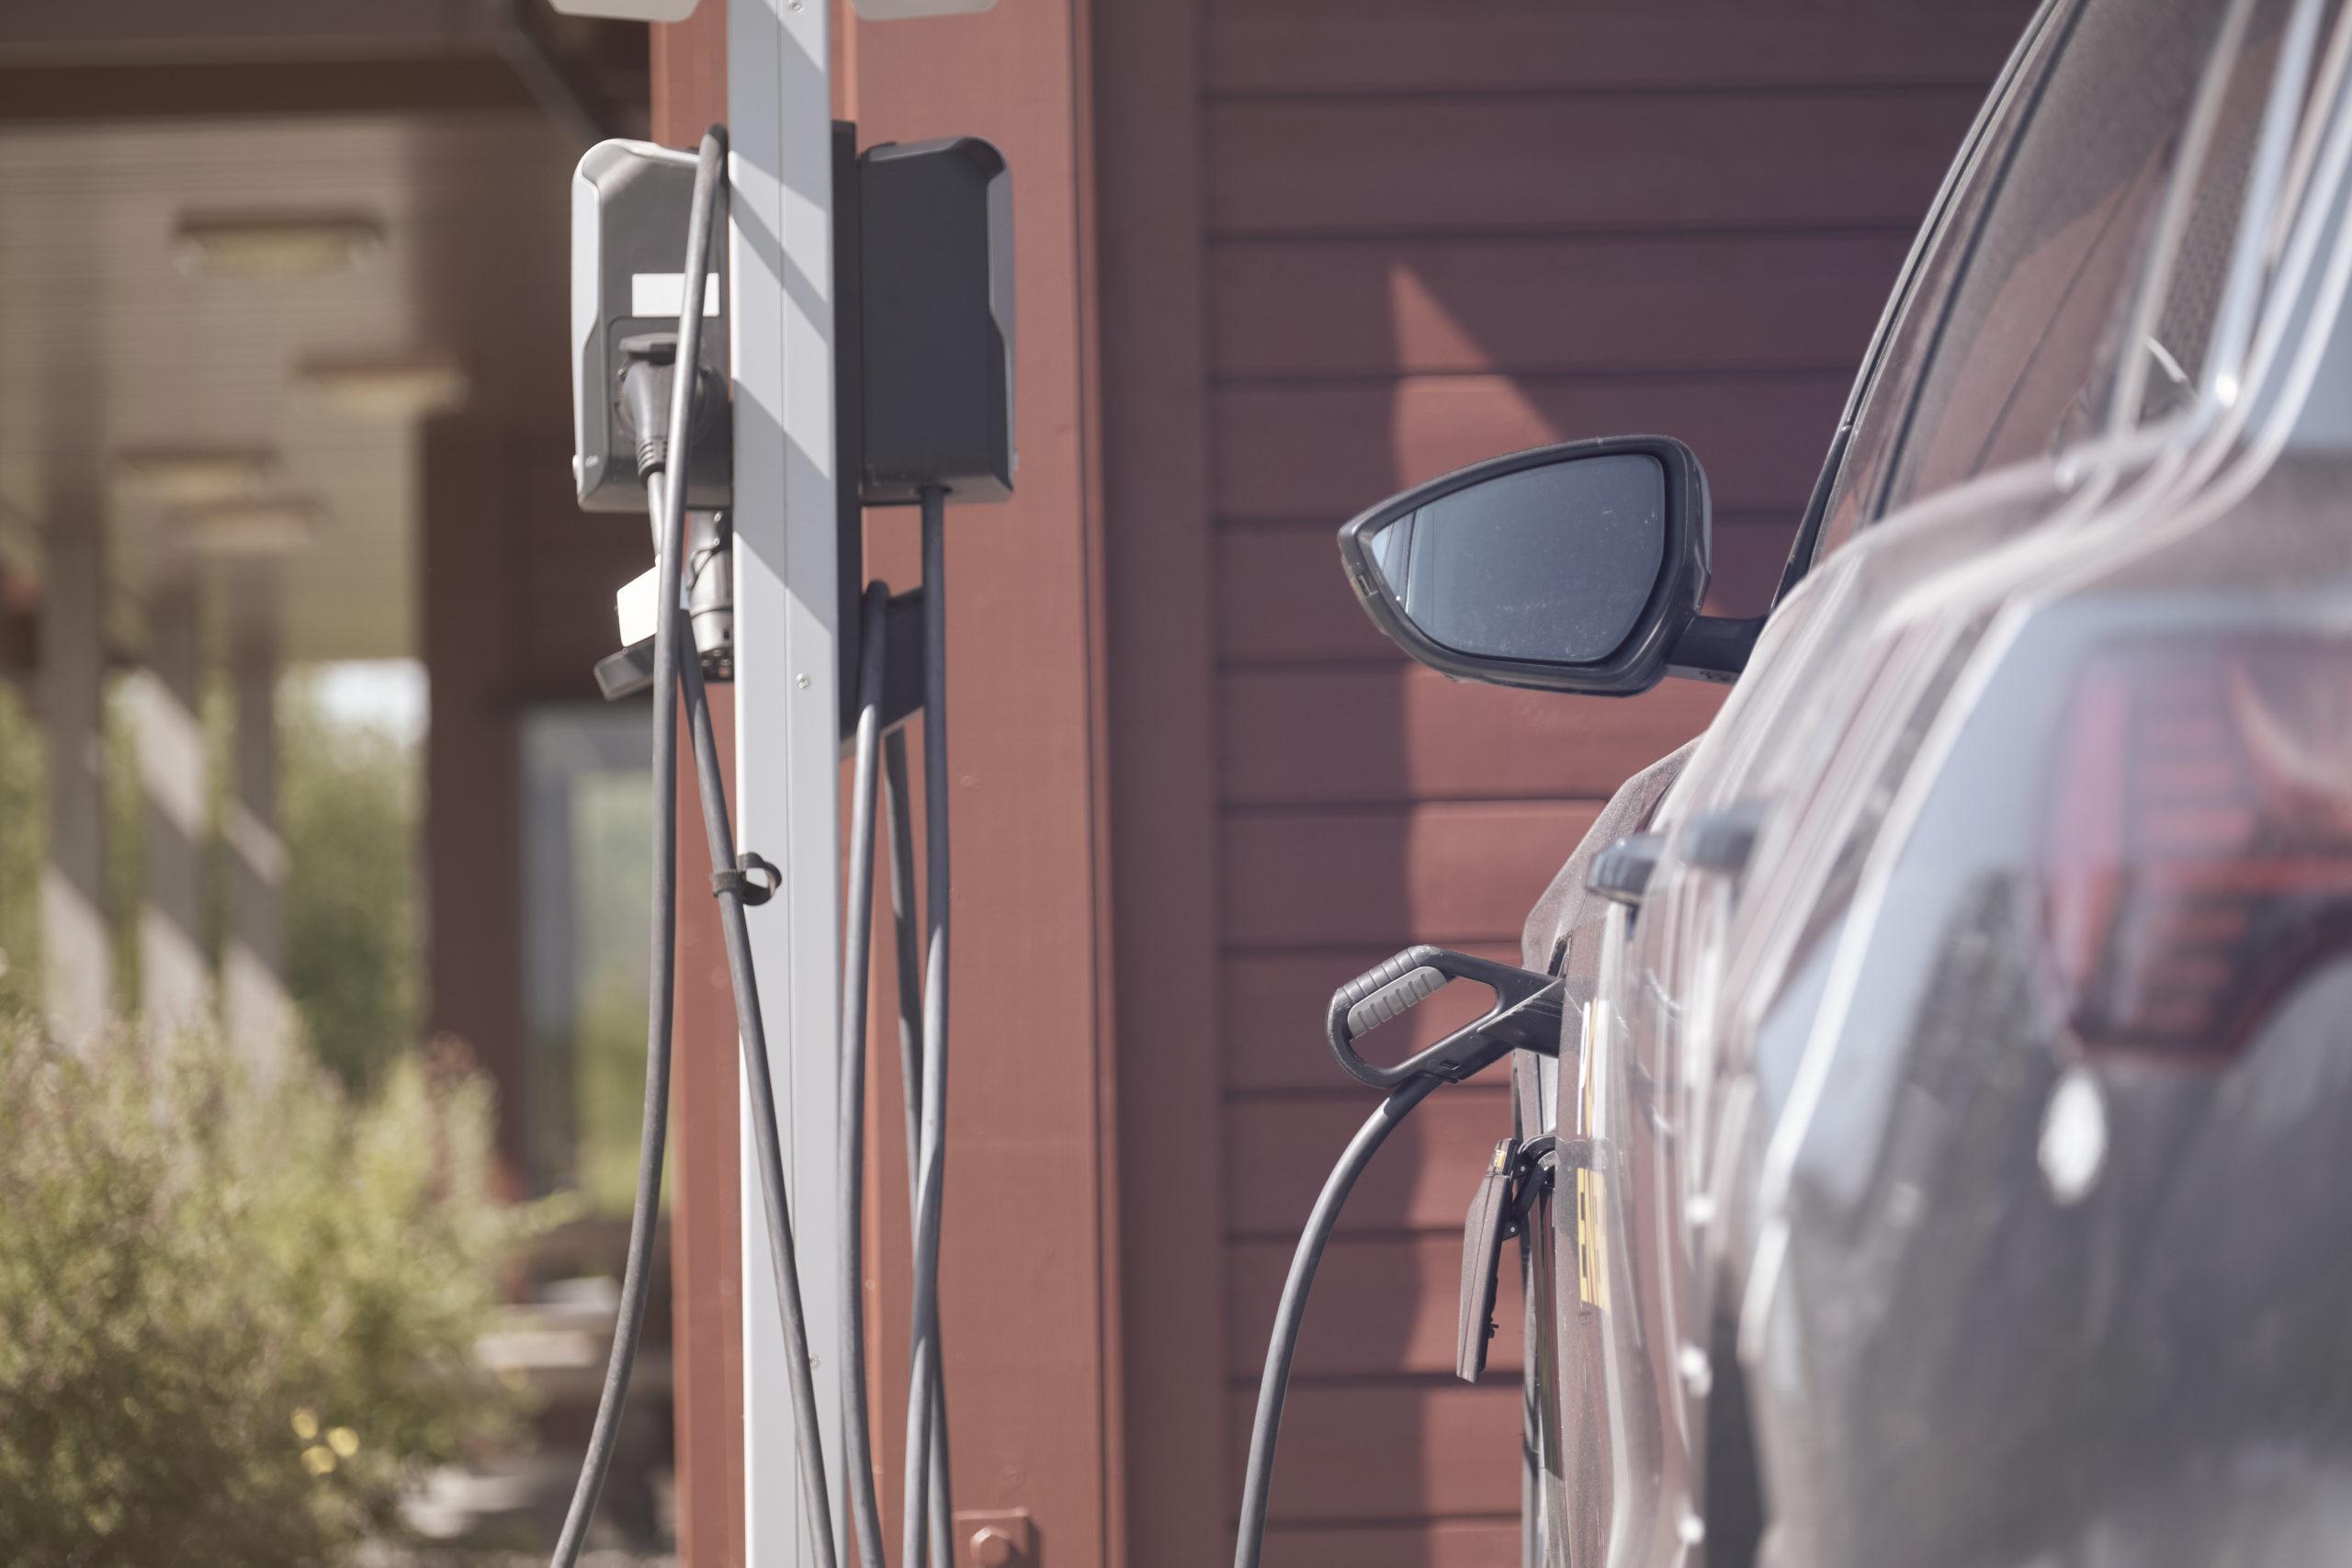 Elbilalder tilkoblet elbil